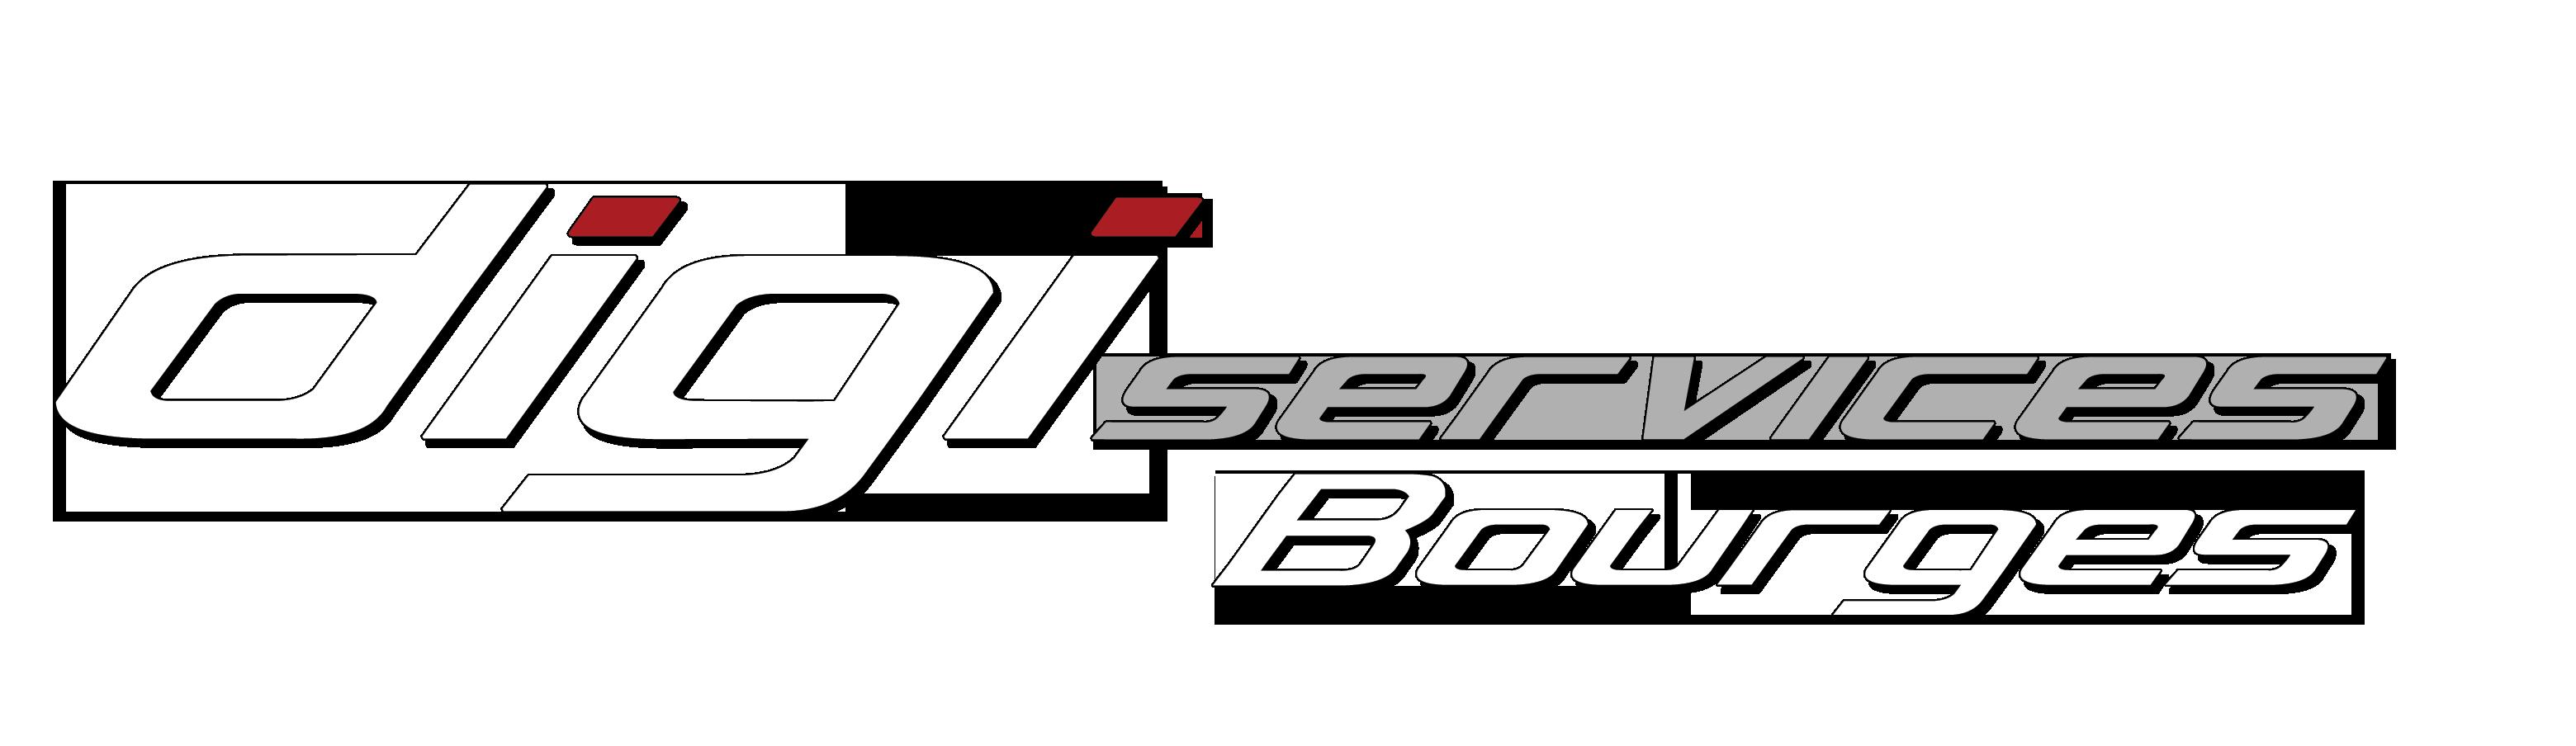 LOGO digiservices Bourge revendeur 3dms auto moto